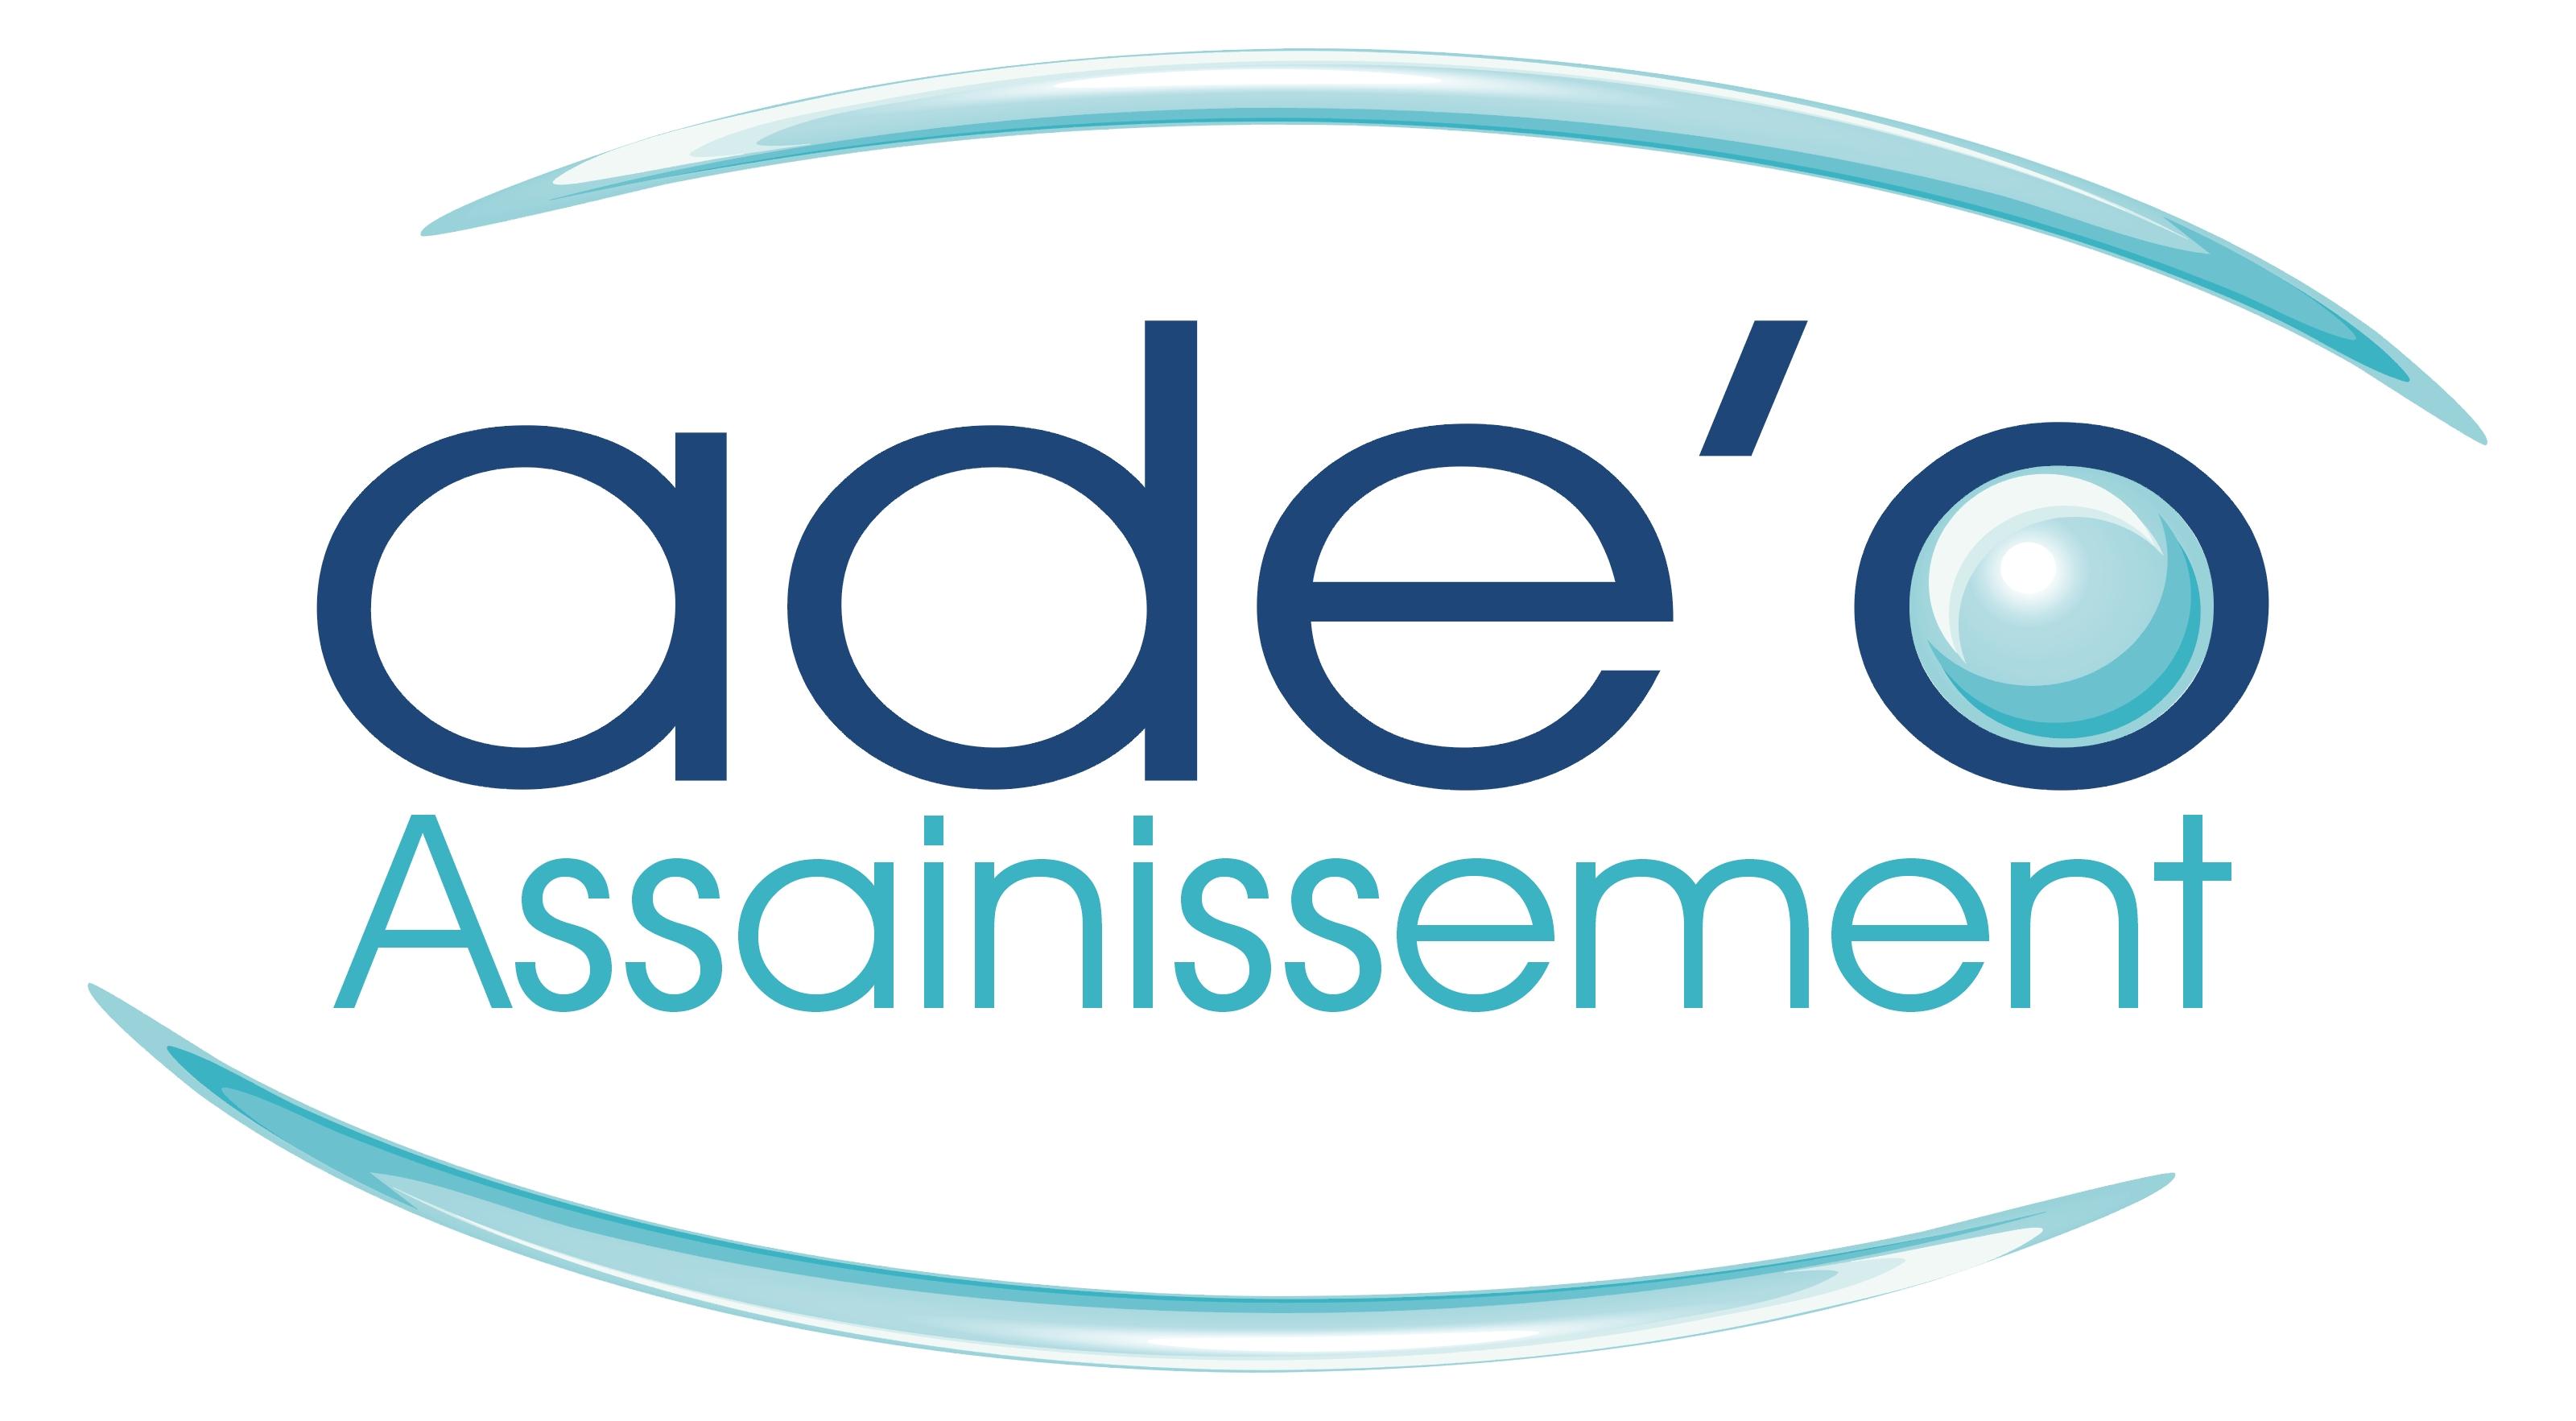 Adeo assainissement spécialiste des  travaux d'assainissement dans le Vaucluse, les Bouches-du-Rhône, la Drôme et le Gard : vidange de fosses, dégazage, hydrocurage.